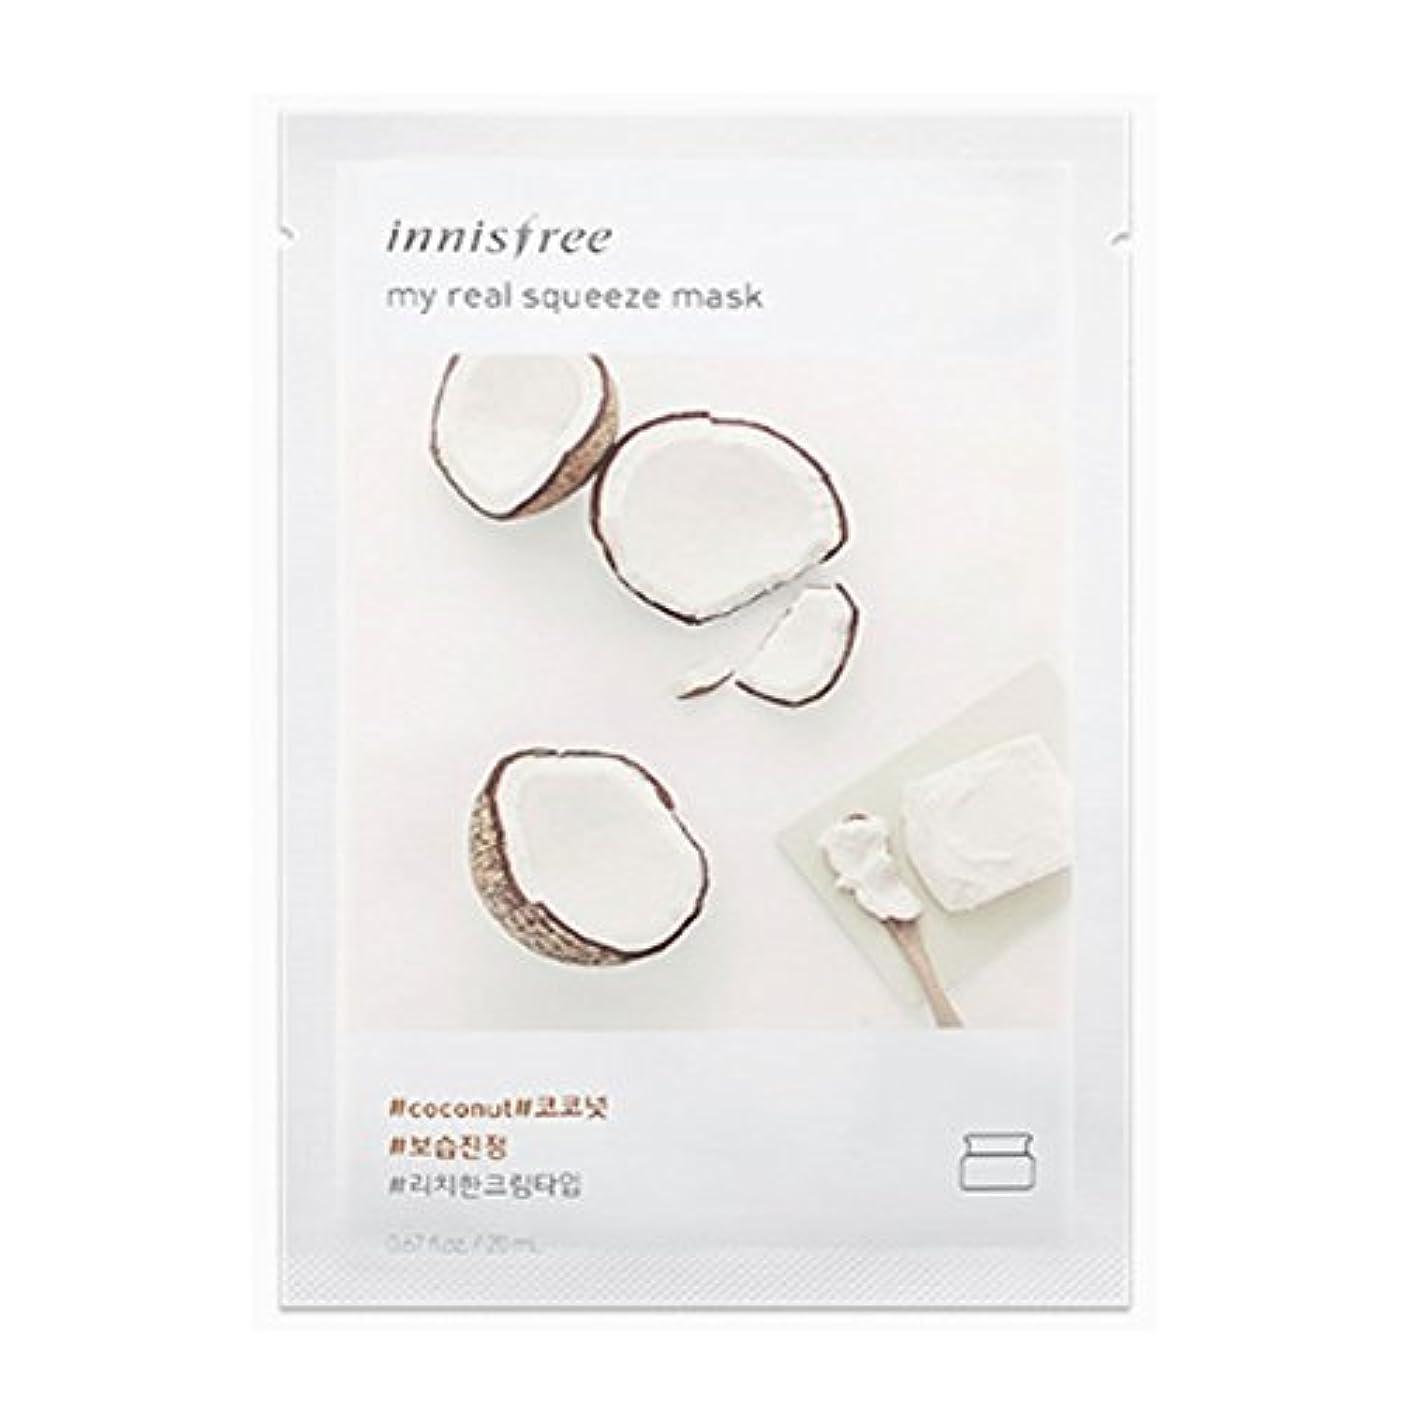 沈黙幅ためにイニスフリーダブルフィットリフティングマスク17g + 19g Innisfree Double Fit Lifting Mask 17g+19g [海外直送品][並行輸入品] (#1-Elastic moisturizing)